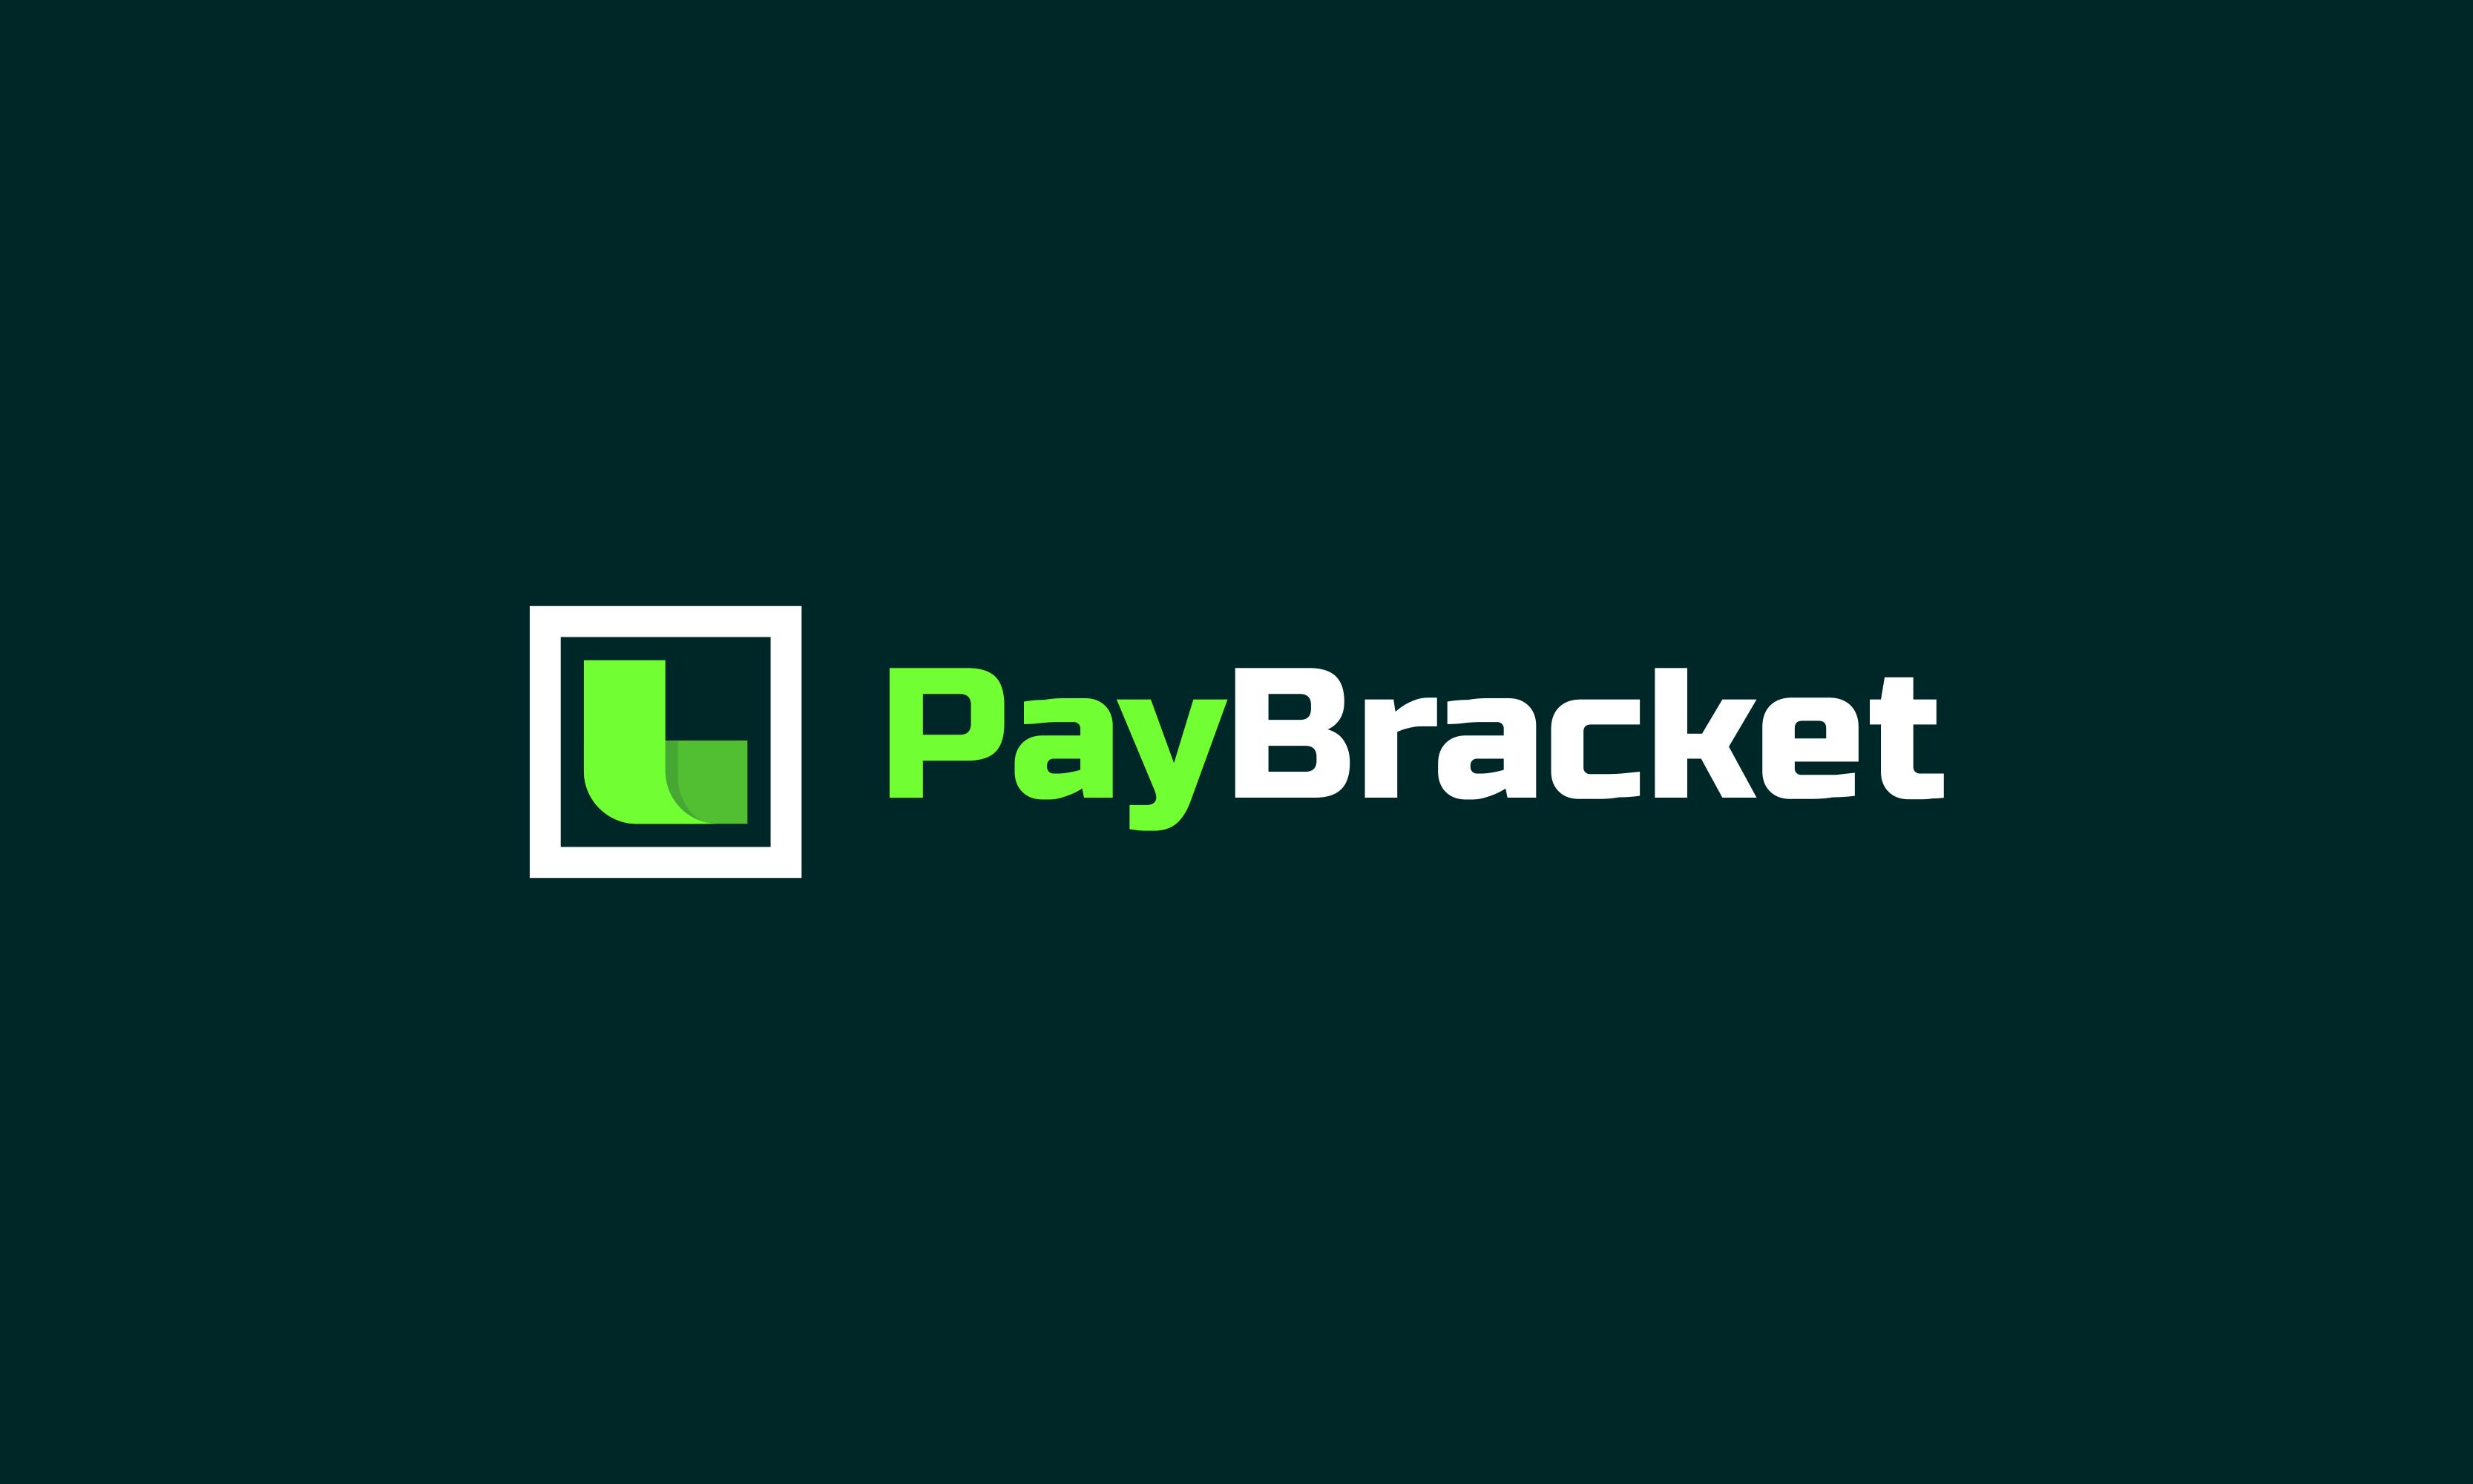 Paybracket